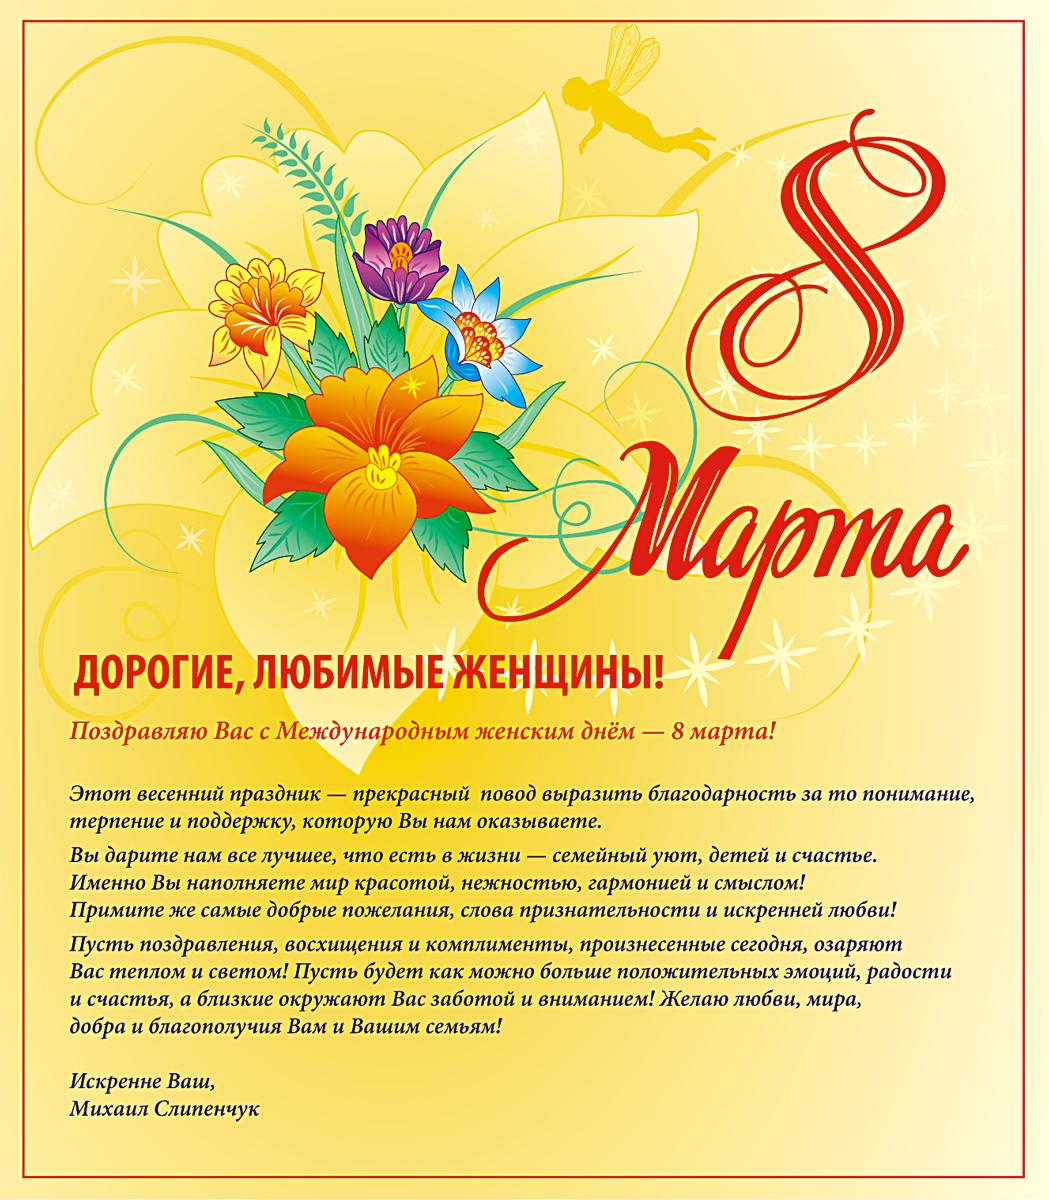 Открытка поздравления с международным женским днем